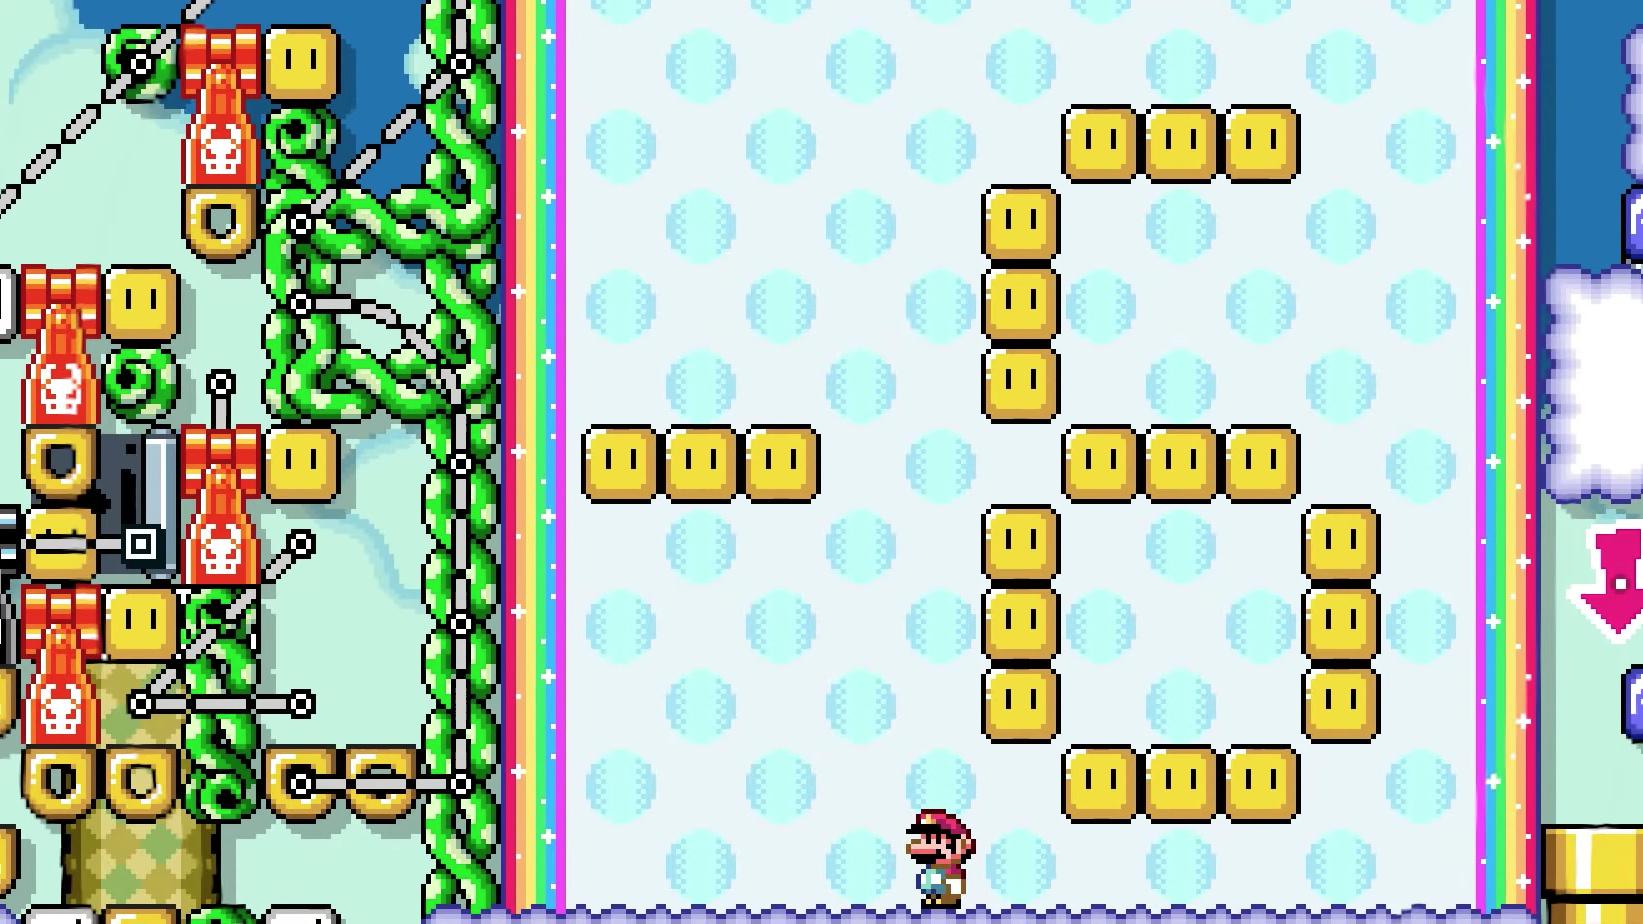 Super Mario Maker 3ds Cia Update